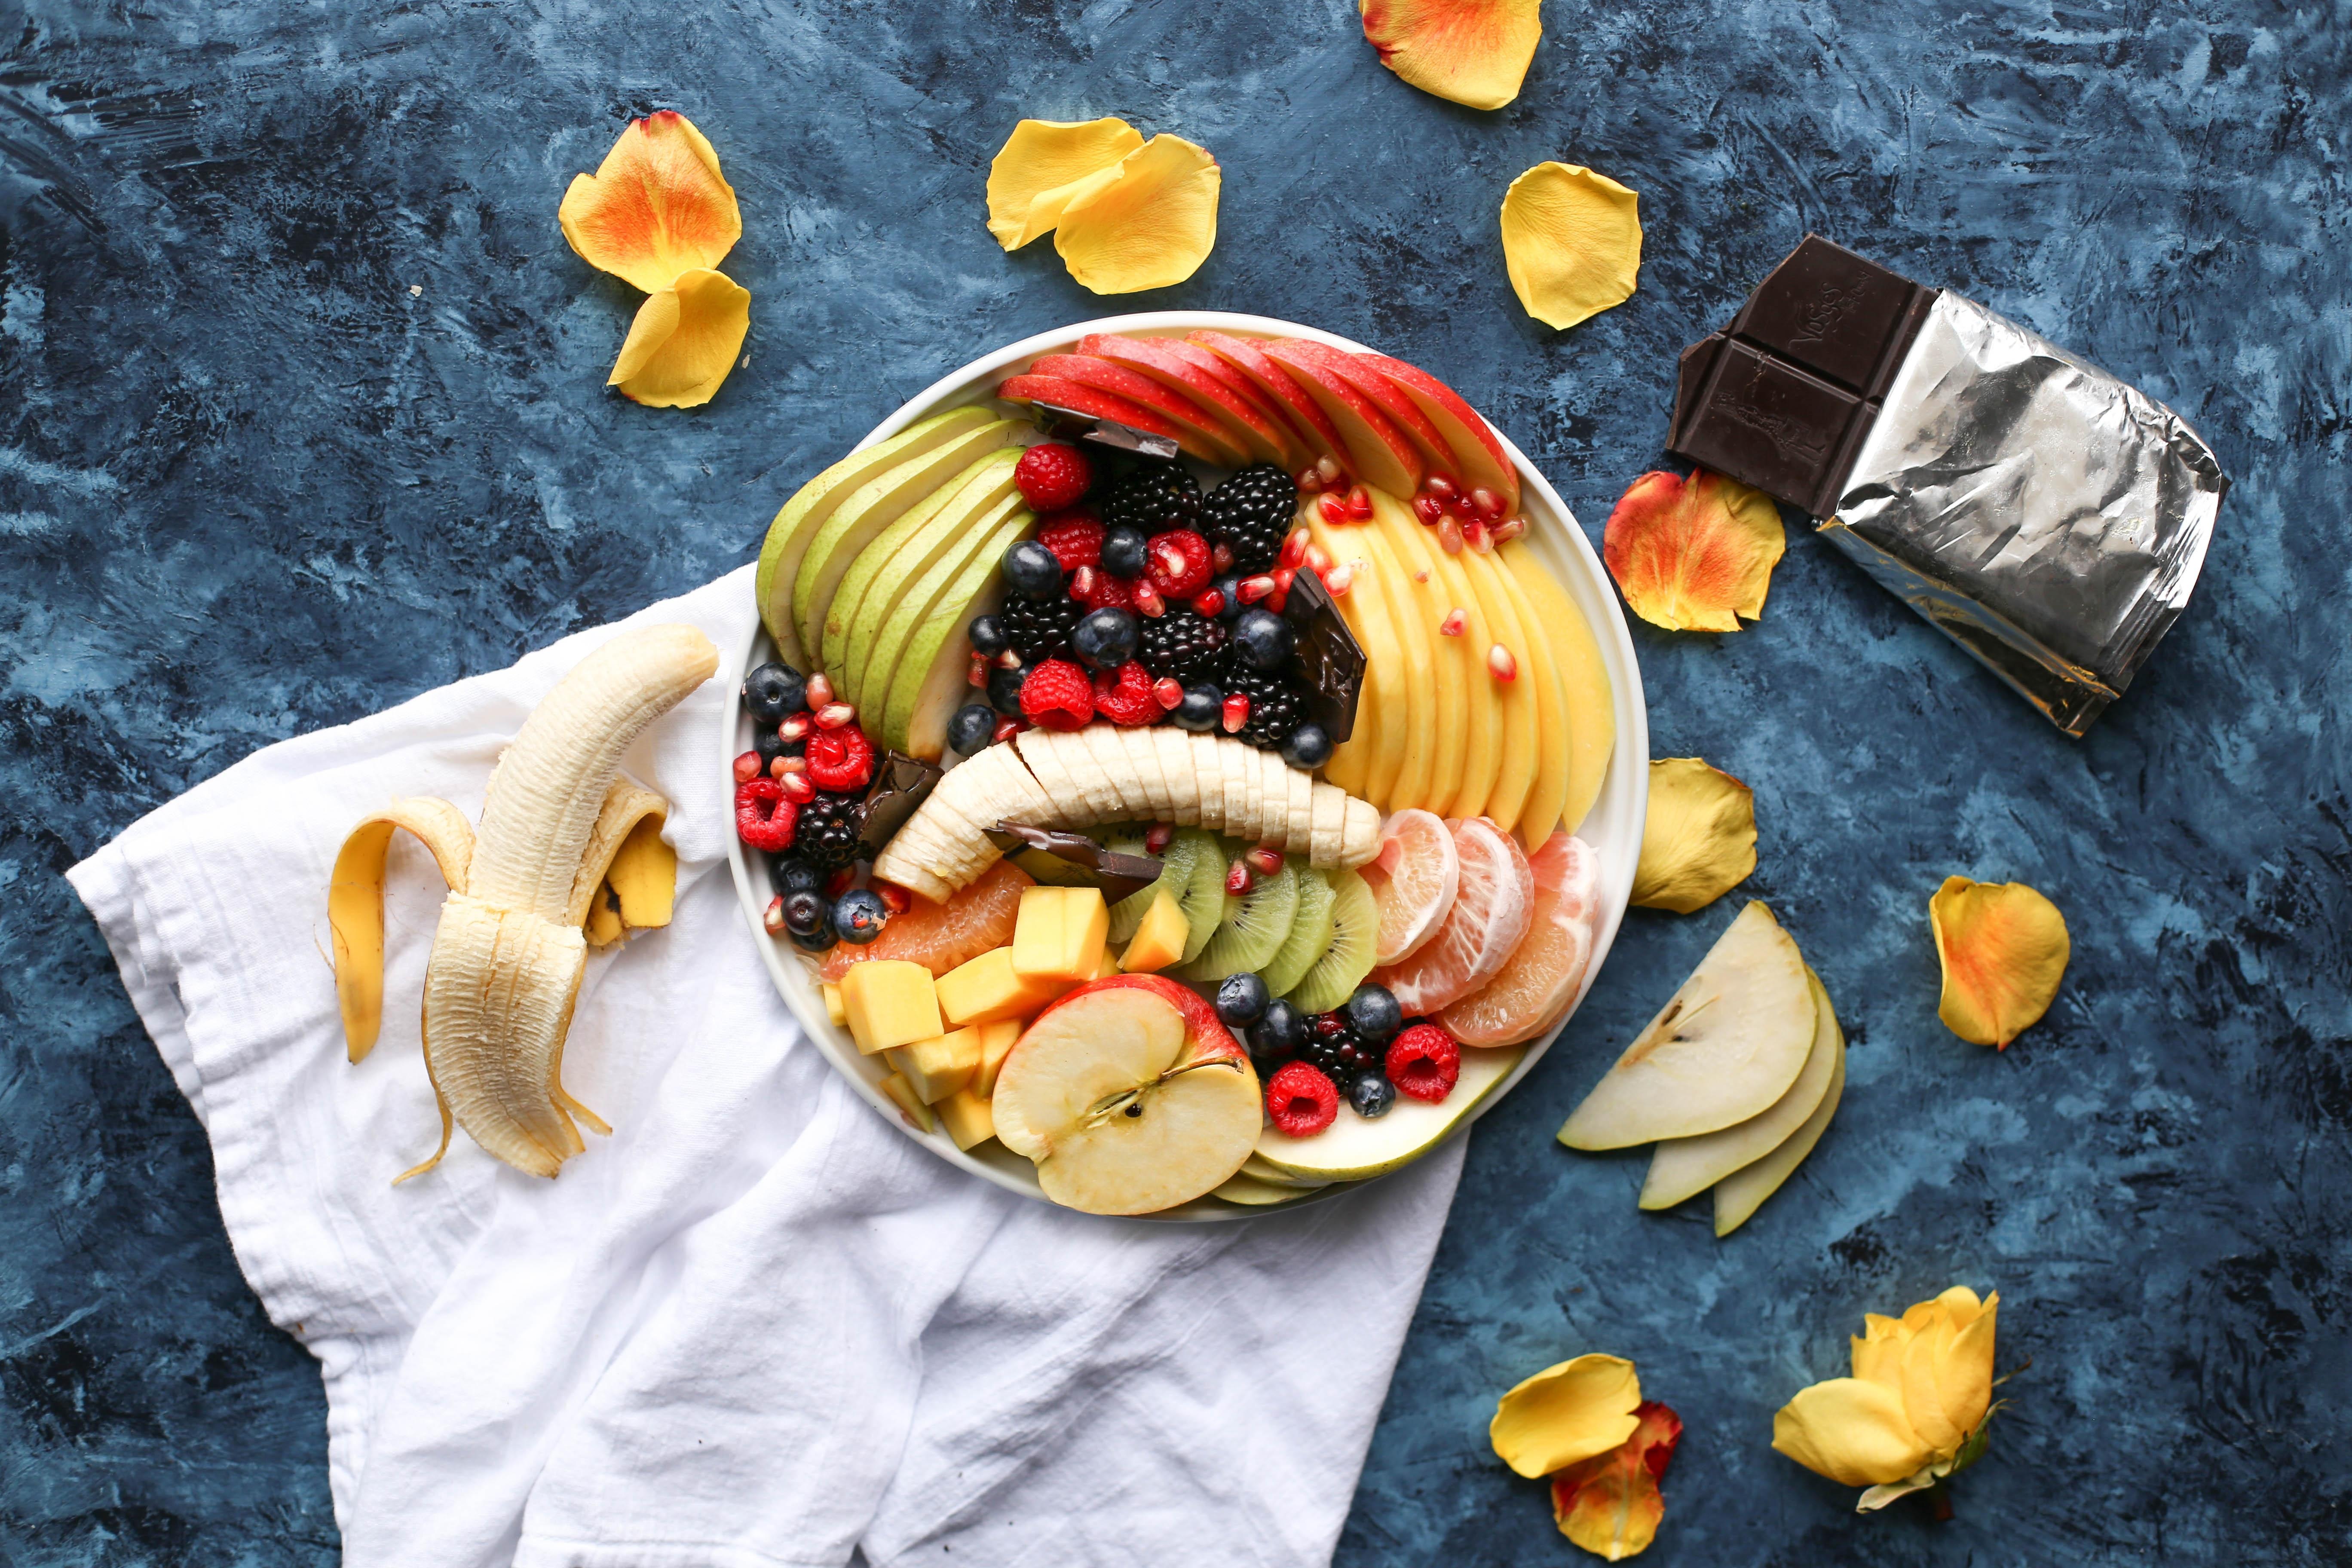 Картинка: Еда, фрукты, кусочки, шоколад, тряпка, стол, банан, ягоды, лепестки